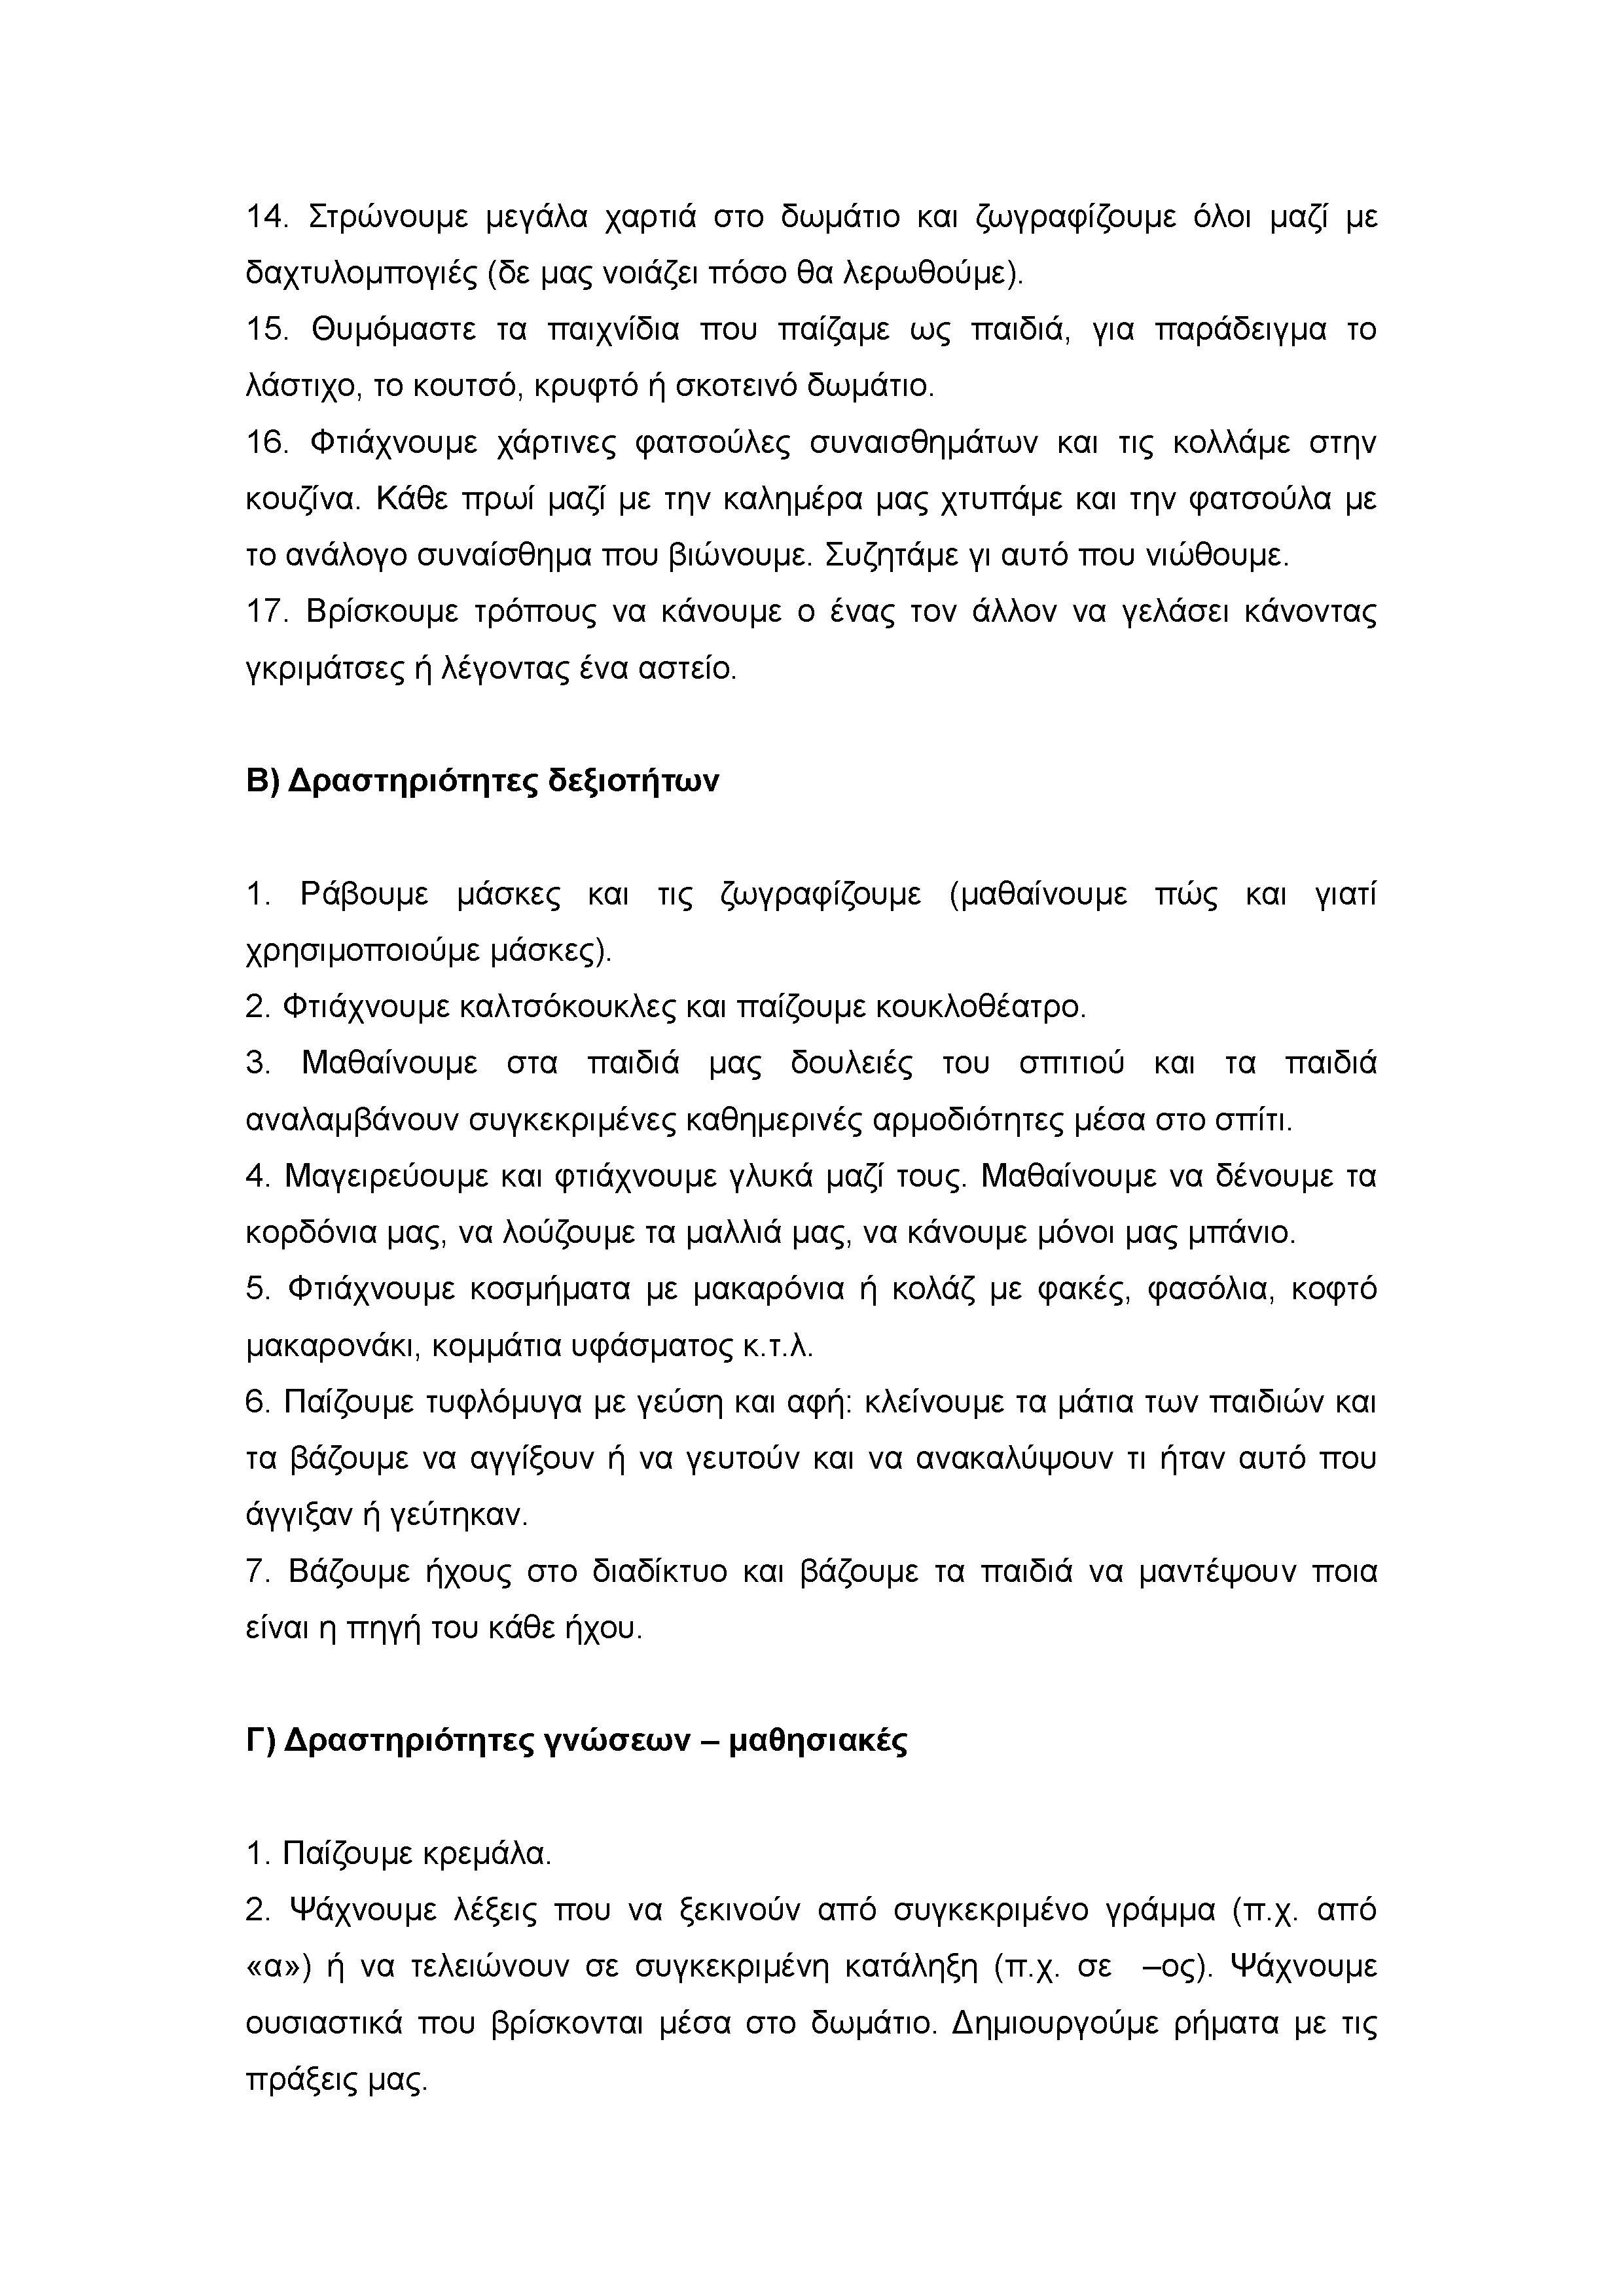 Ενδεικτικές-προτάσεις-από-το-ΚΕΣΥ-Αργολίδας-για-την-υποστήριξη-των-παιδιών-εν-μέσω-πανδημίας-COVID-19-6